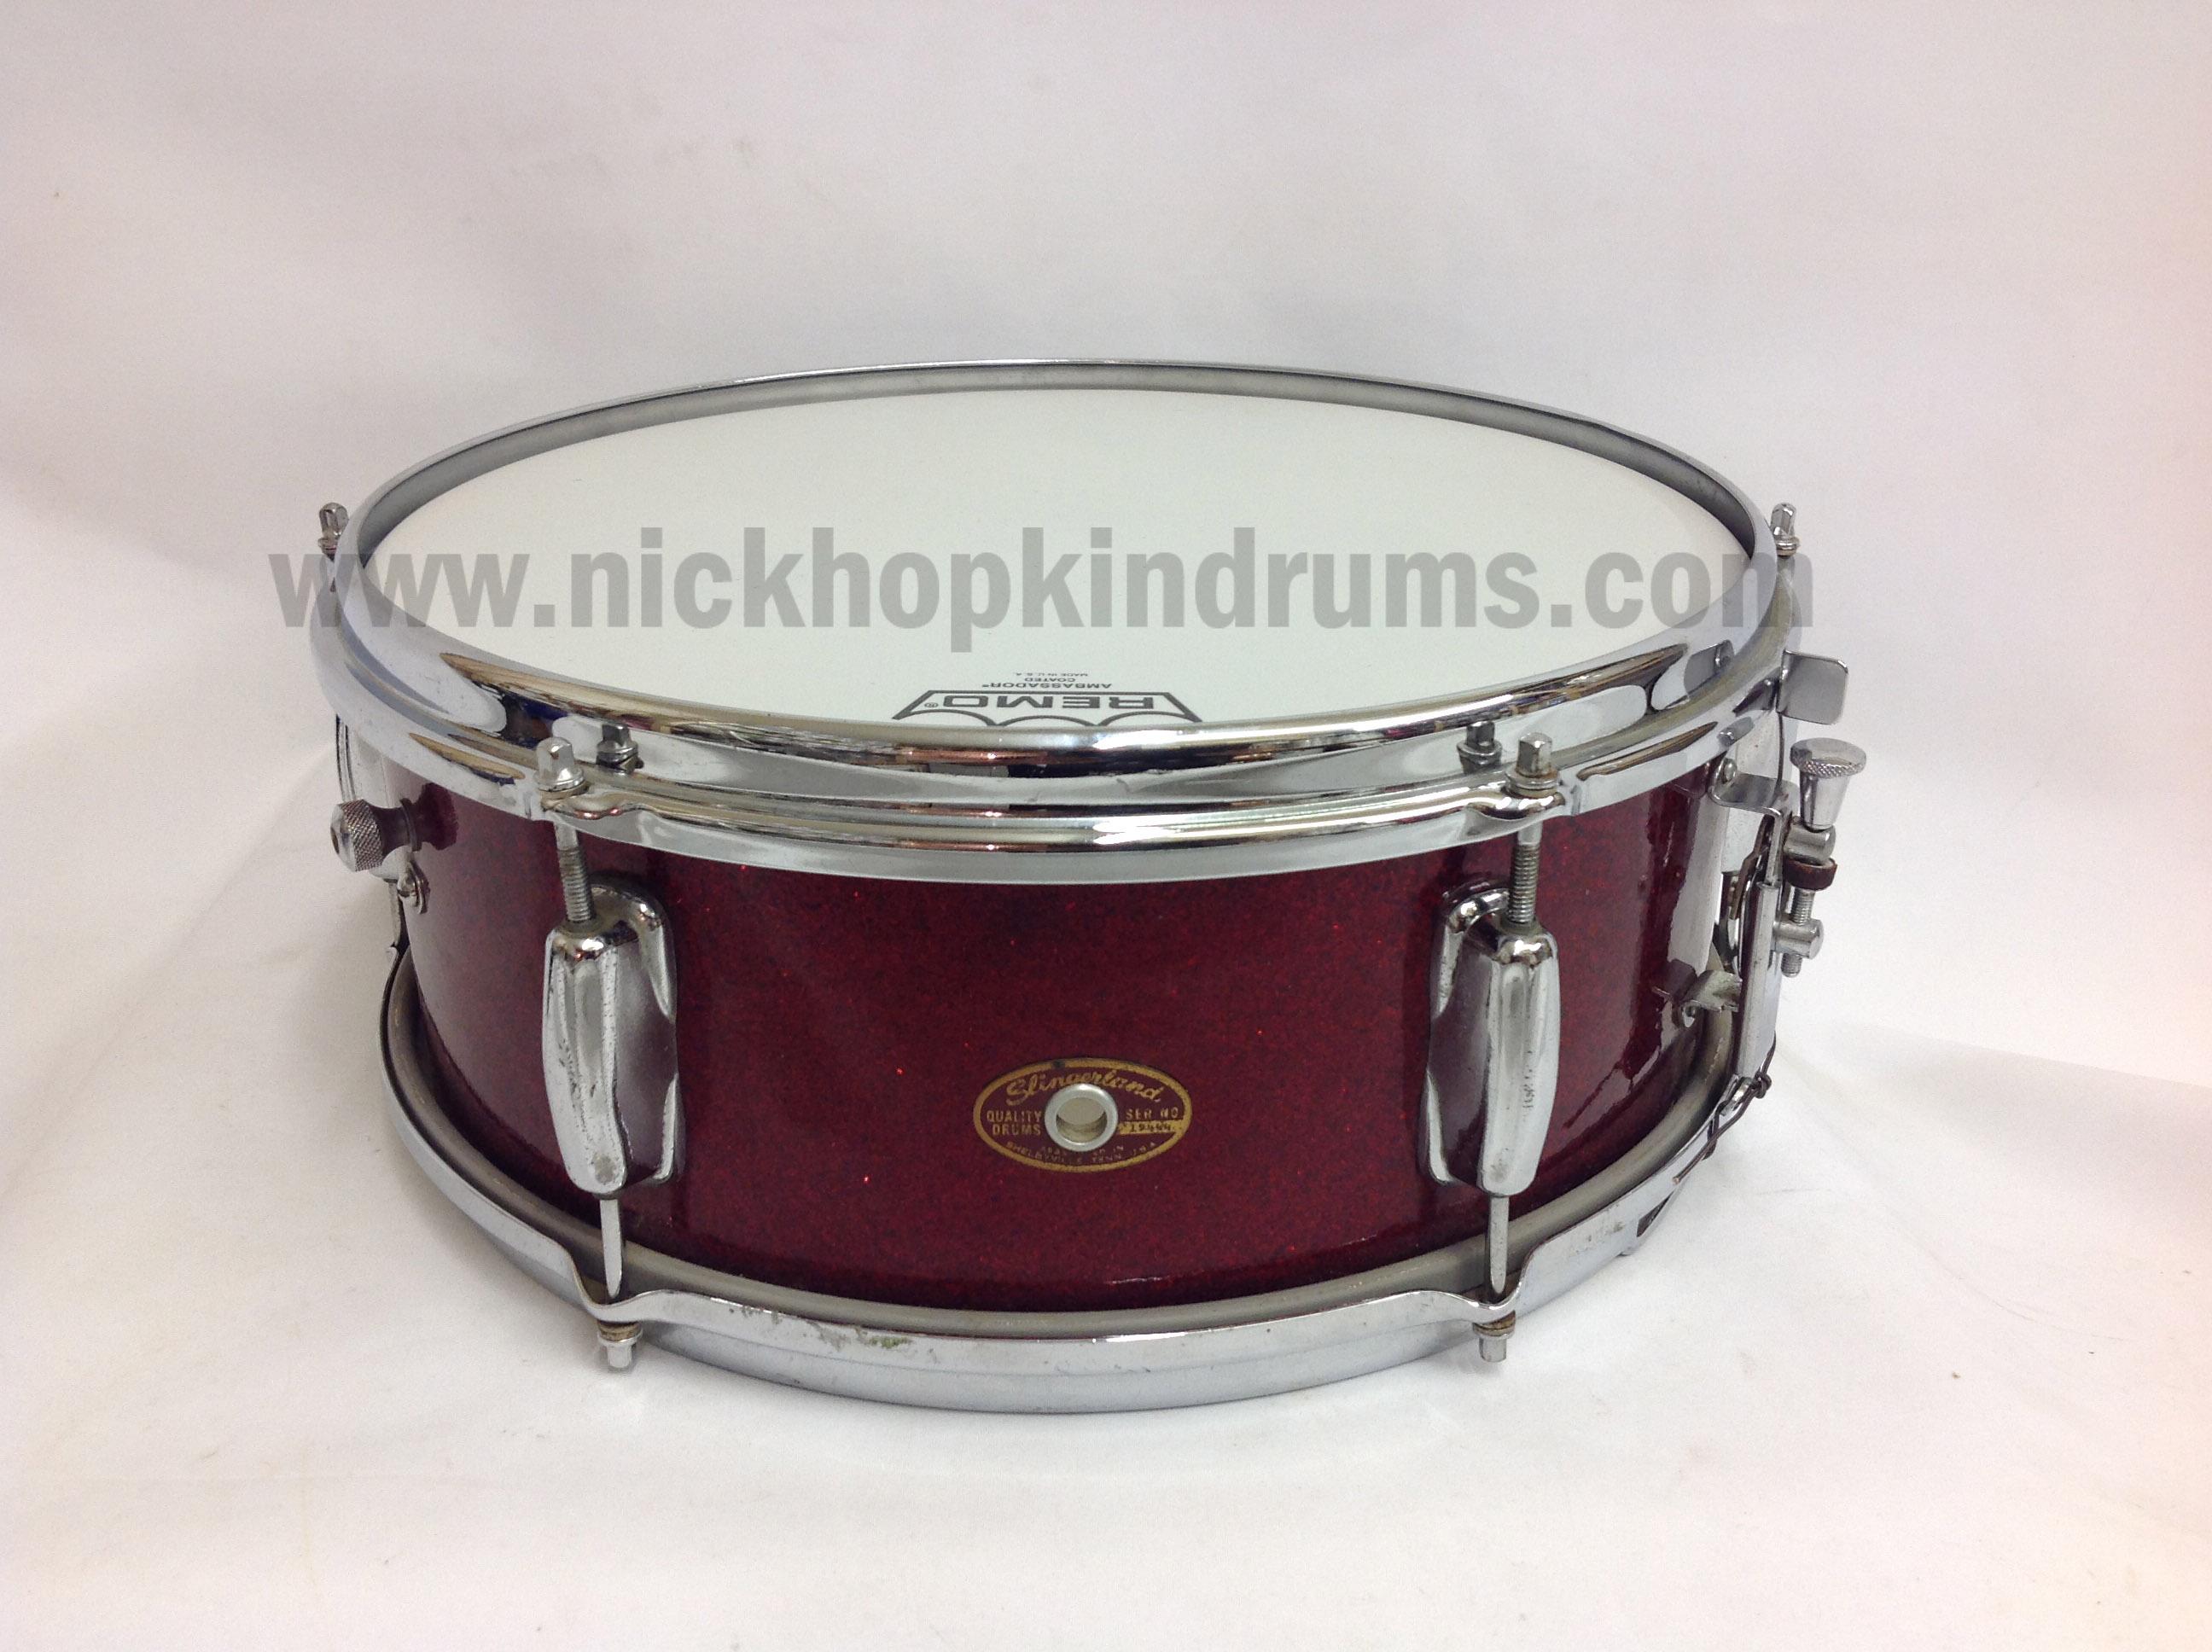 vintage usa snare drums vintage drums legendary sounds. Black Bedroom Furniture Sets. Home Design Ideas